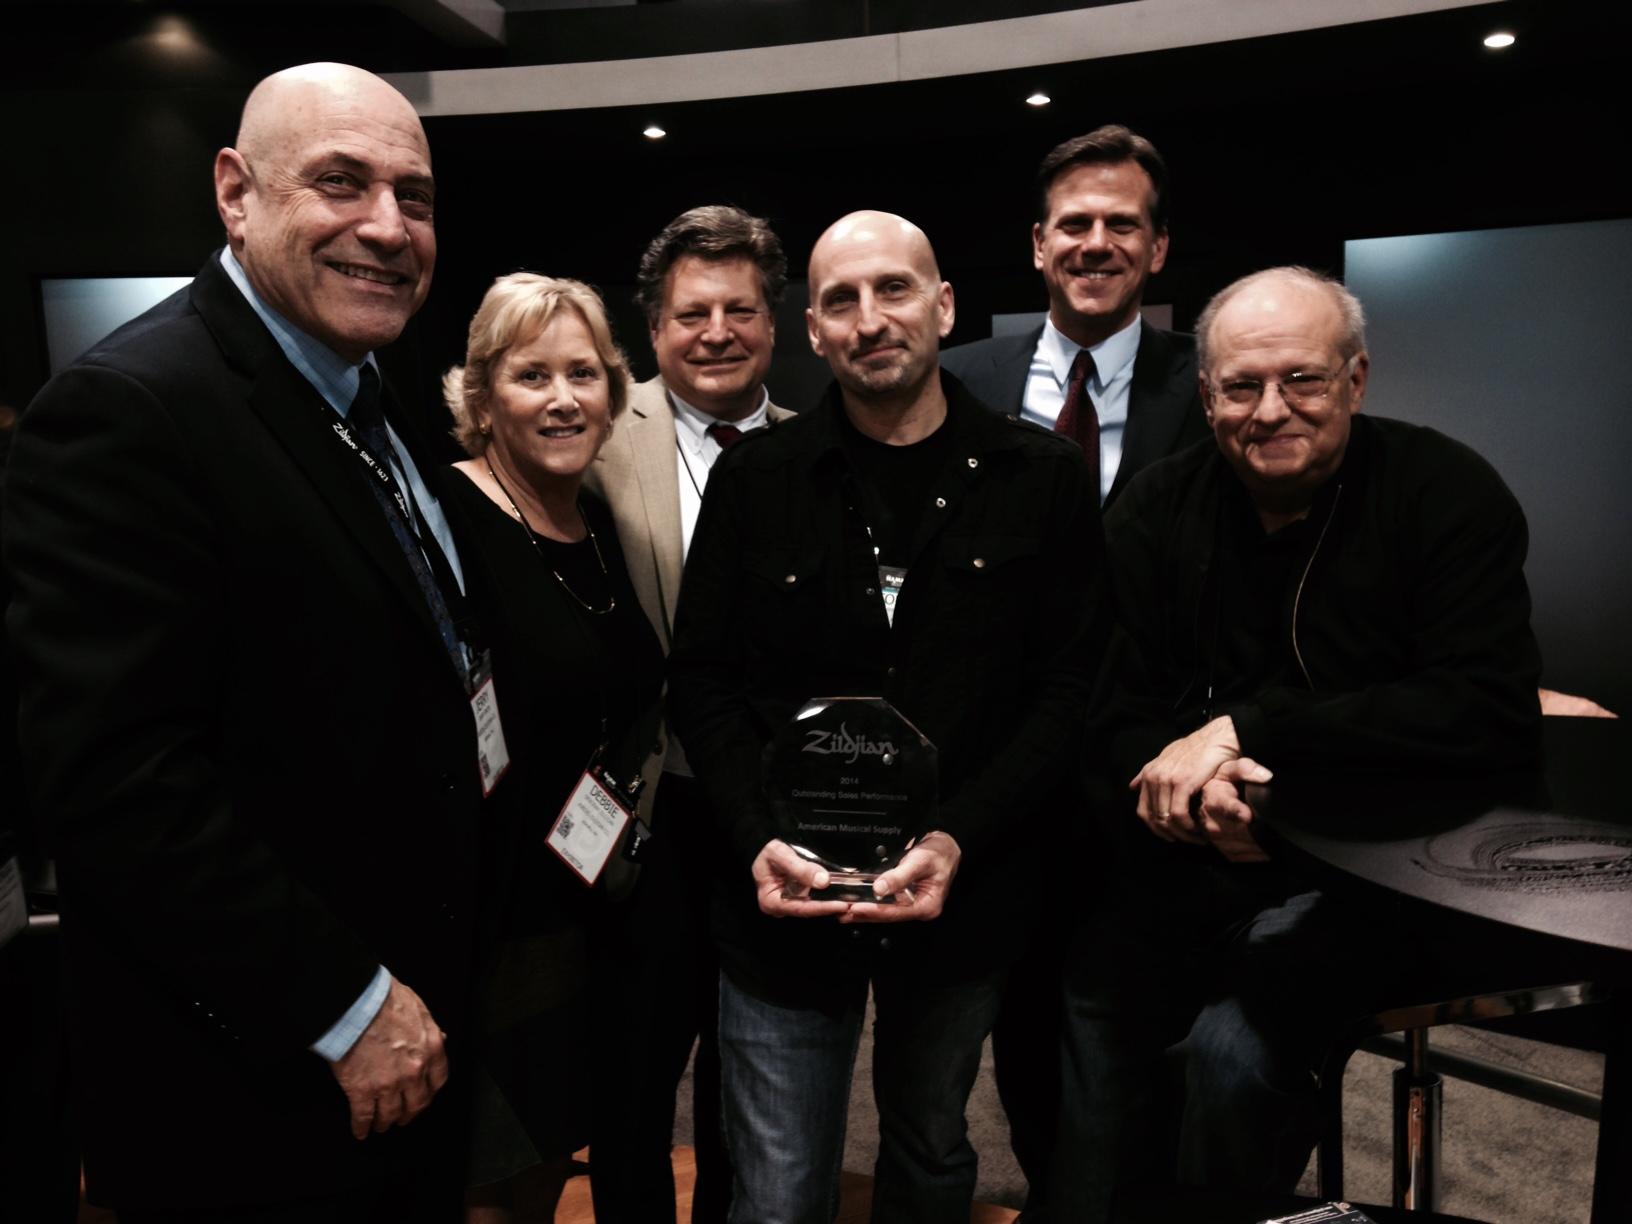 Zildjian Presents 2014 Dealer Awards « MMR Magazine